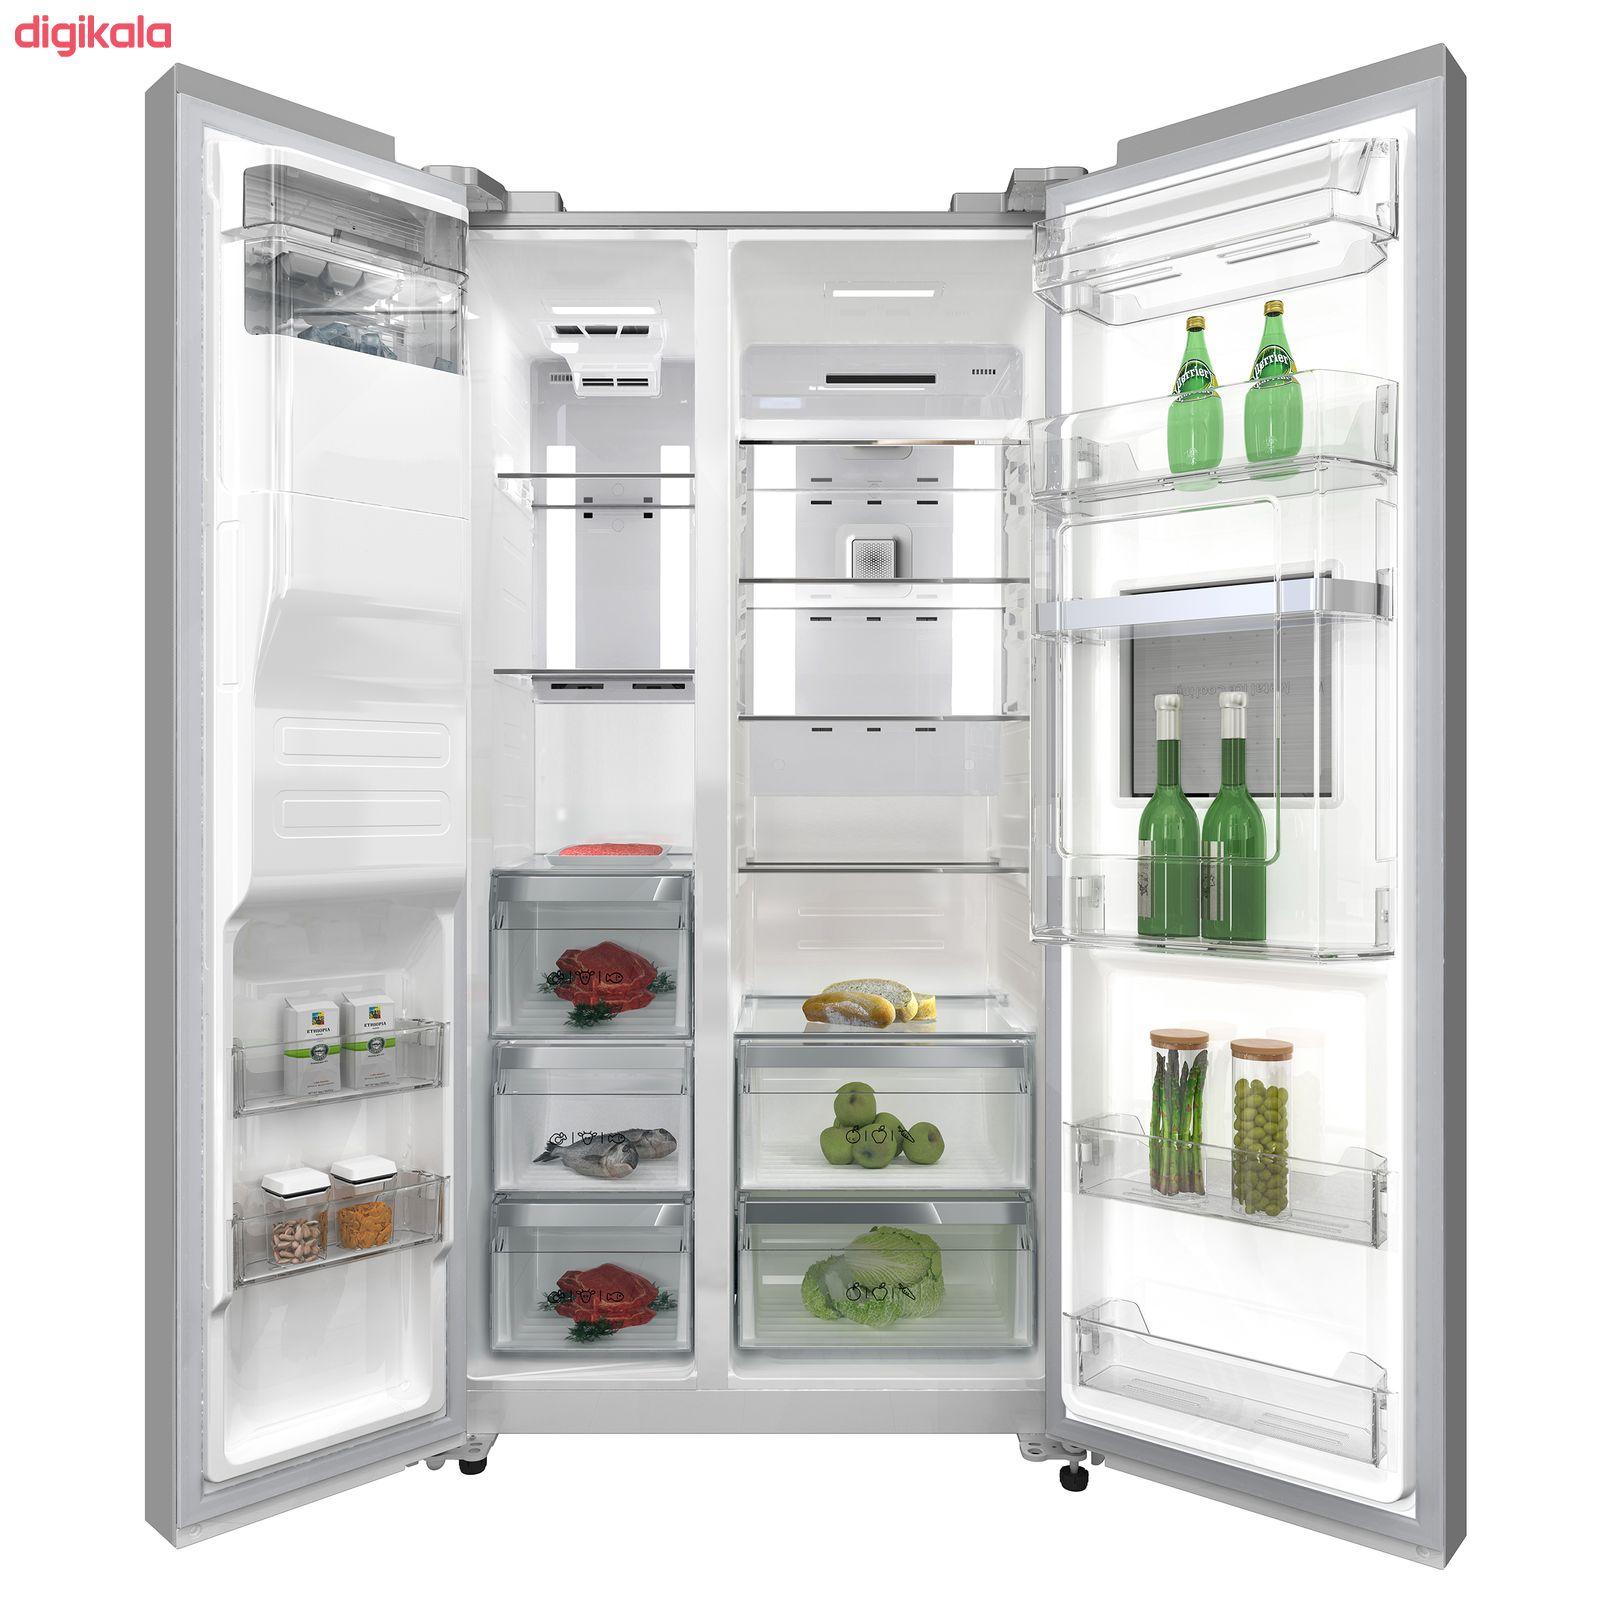 یخچال و فریز ساید بای ساید دوو مدل D4S-2915SS main 1 5